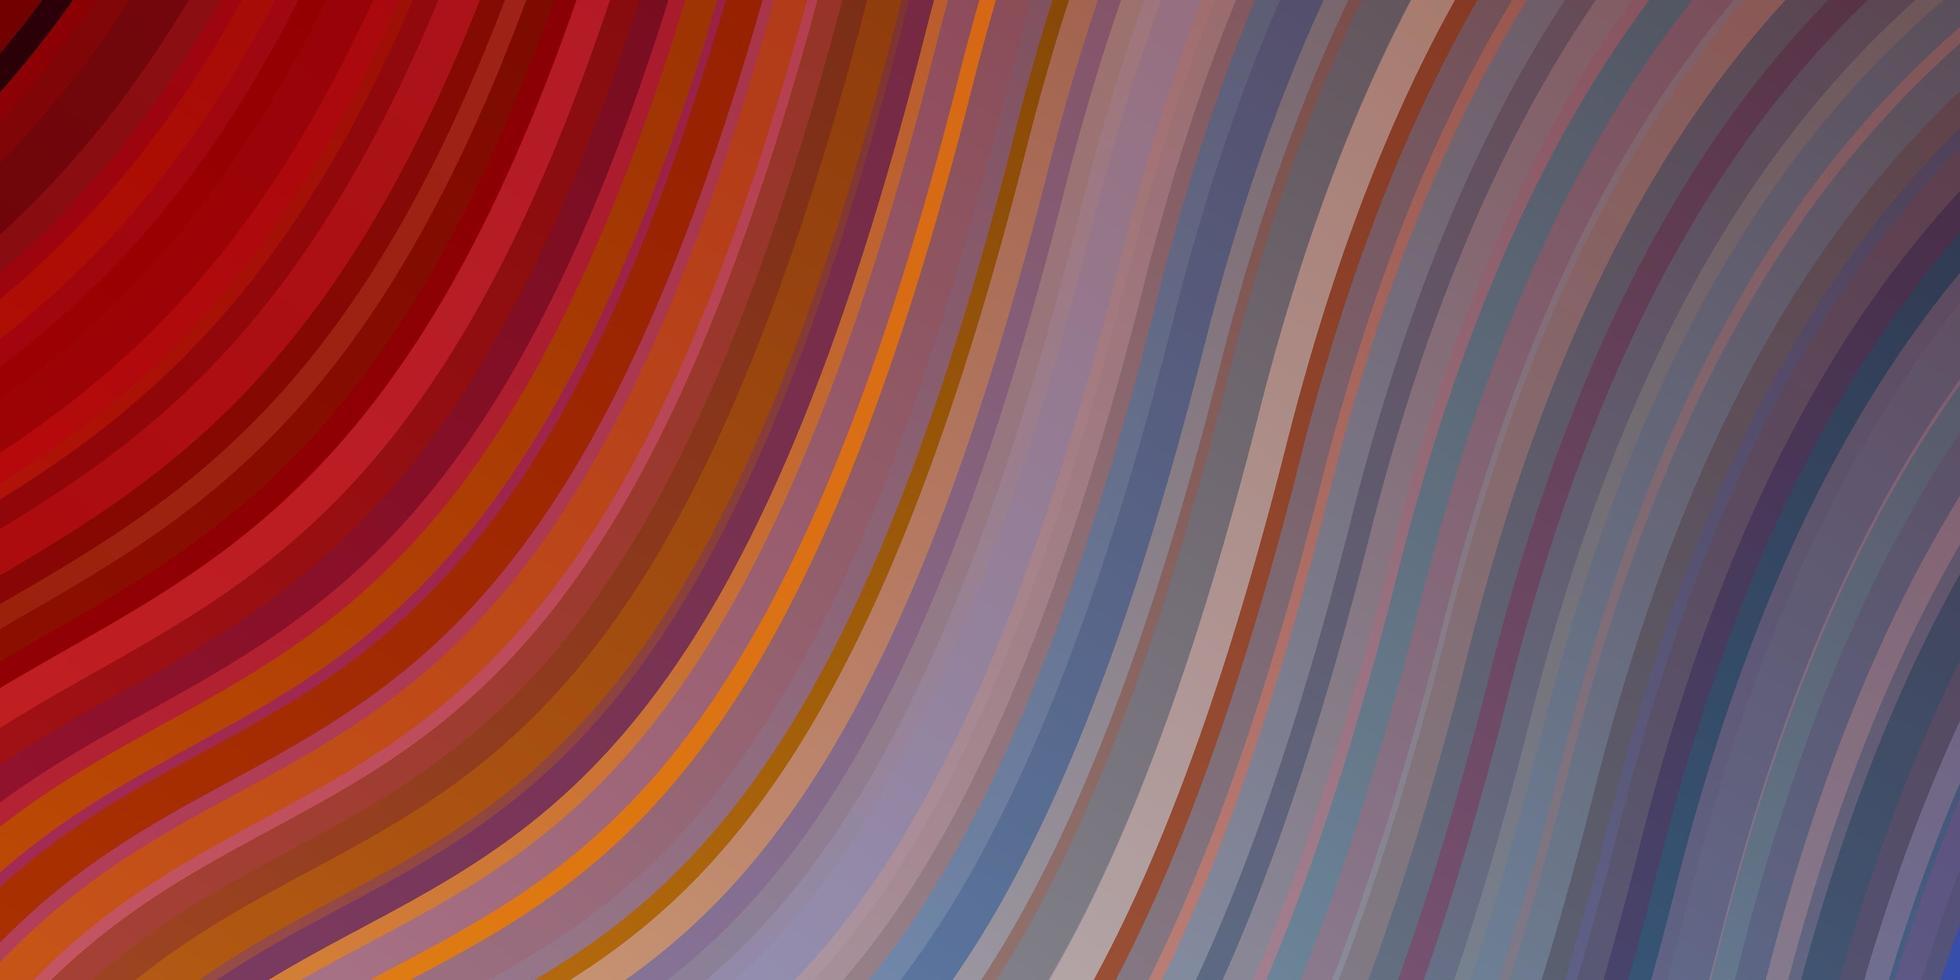 modelo de vetor multicolor de luz com curvas.